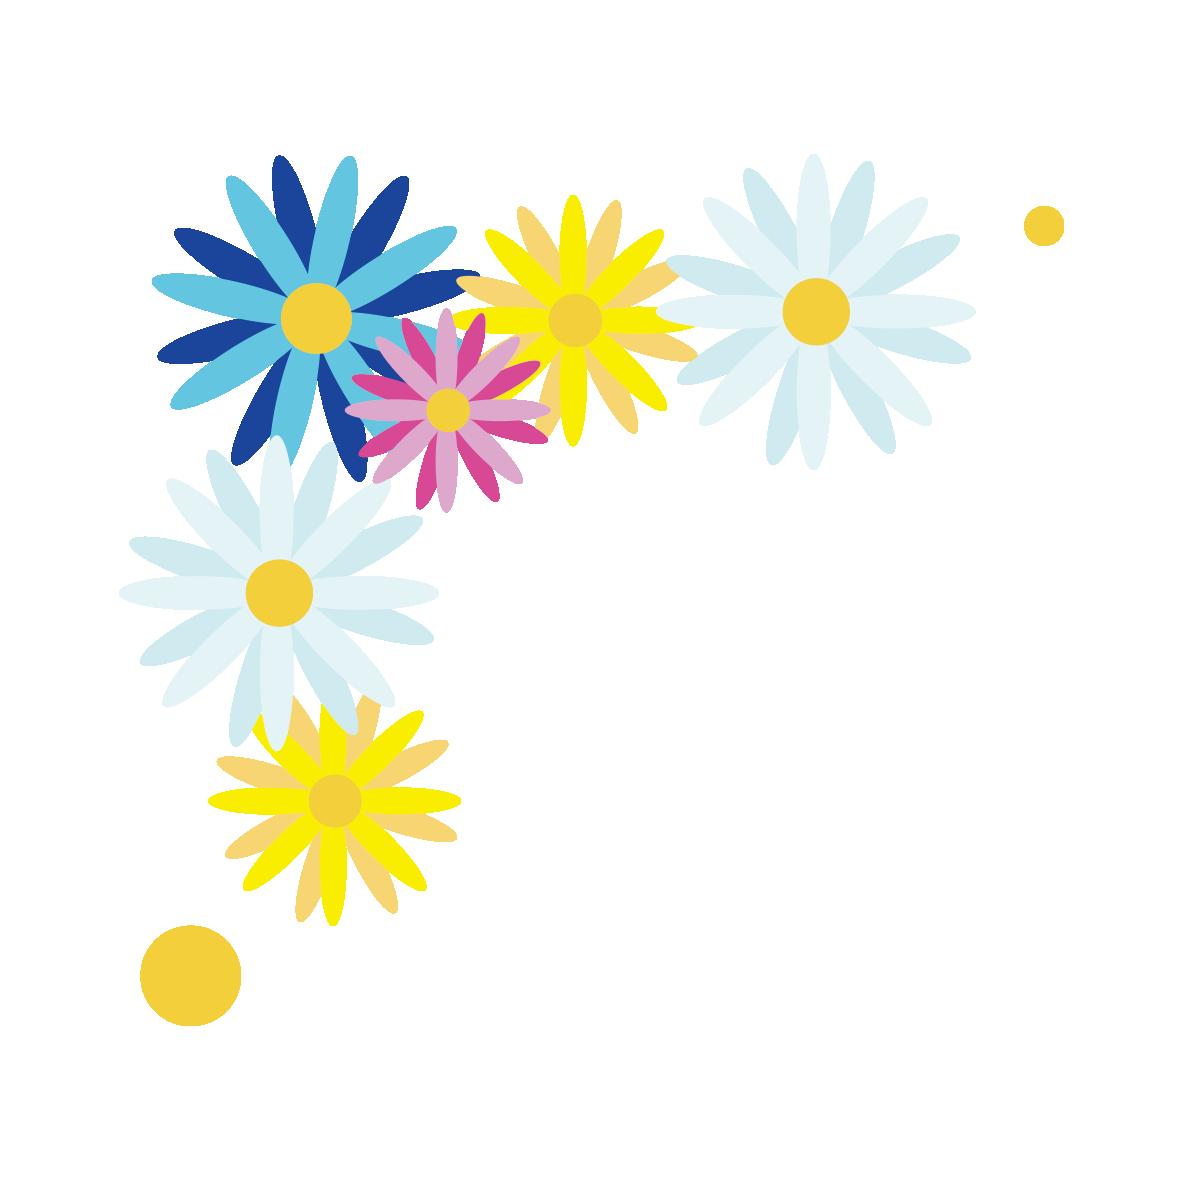 カラフルな花のコーナー飾り青 無料イラスト愛